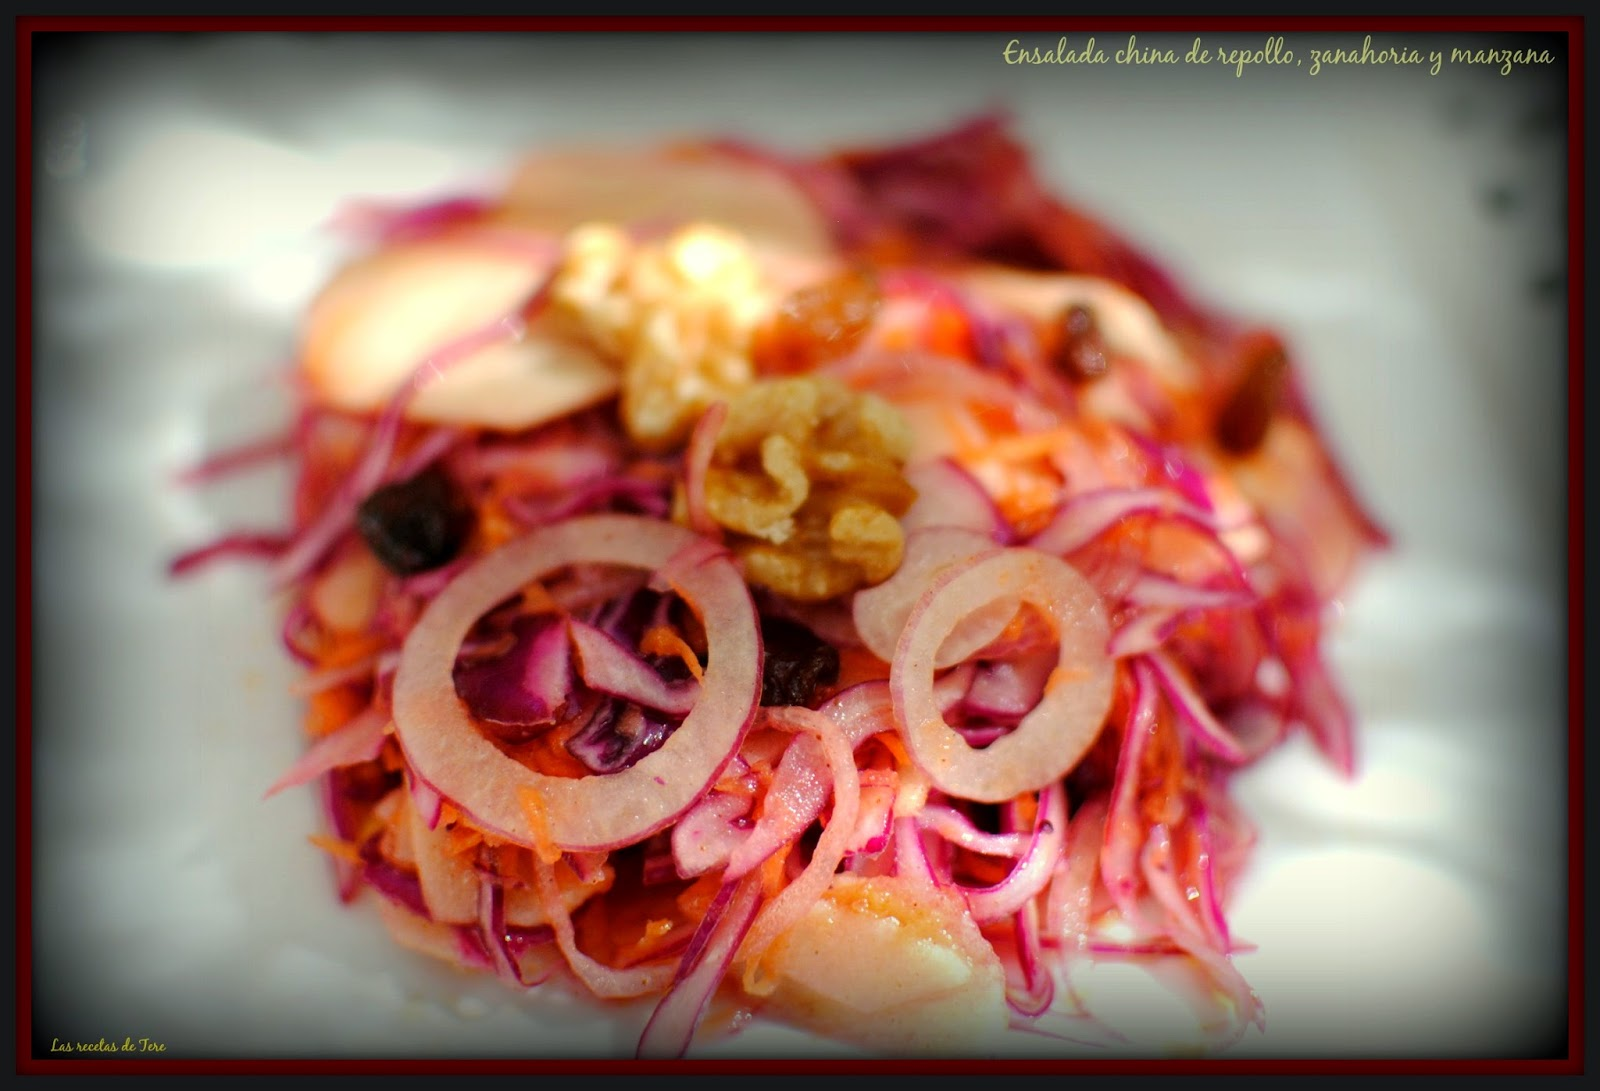 ensalada china de repollo zanahoria y manzana 06